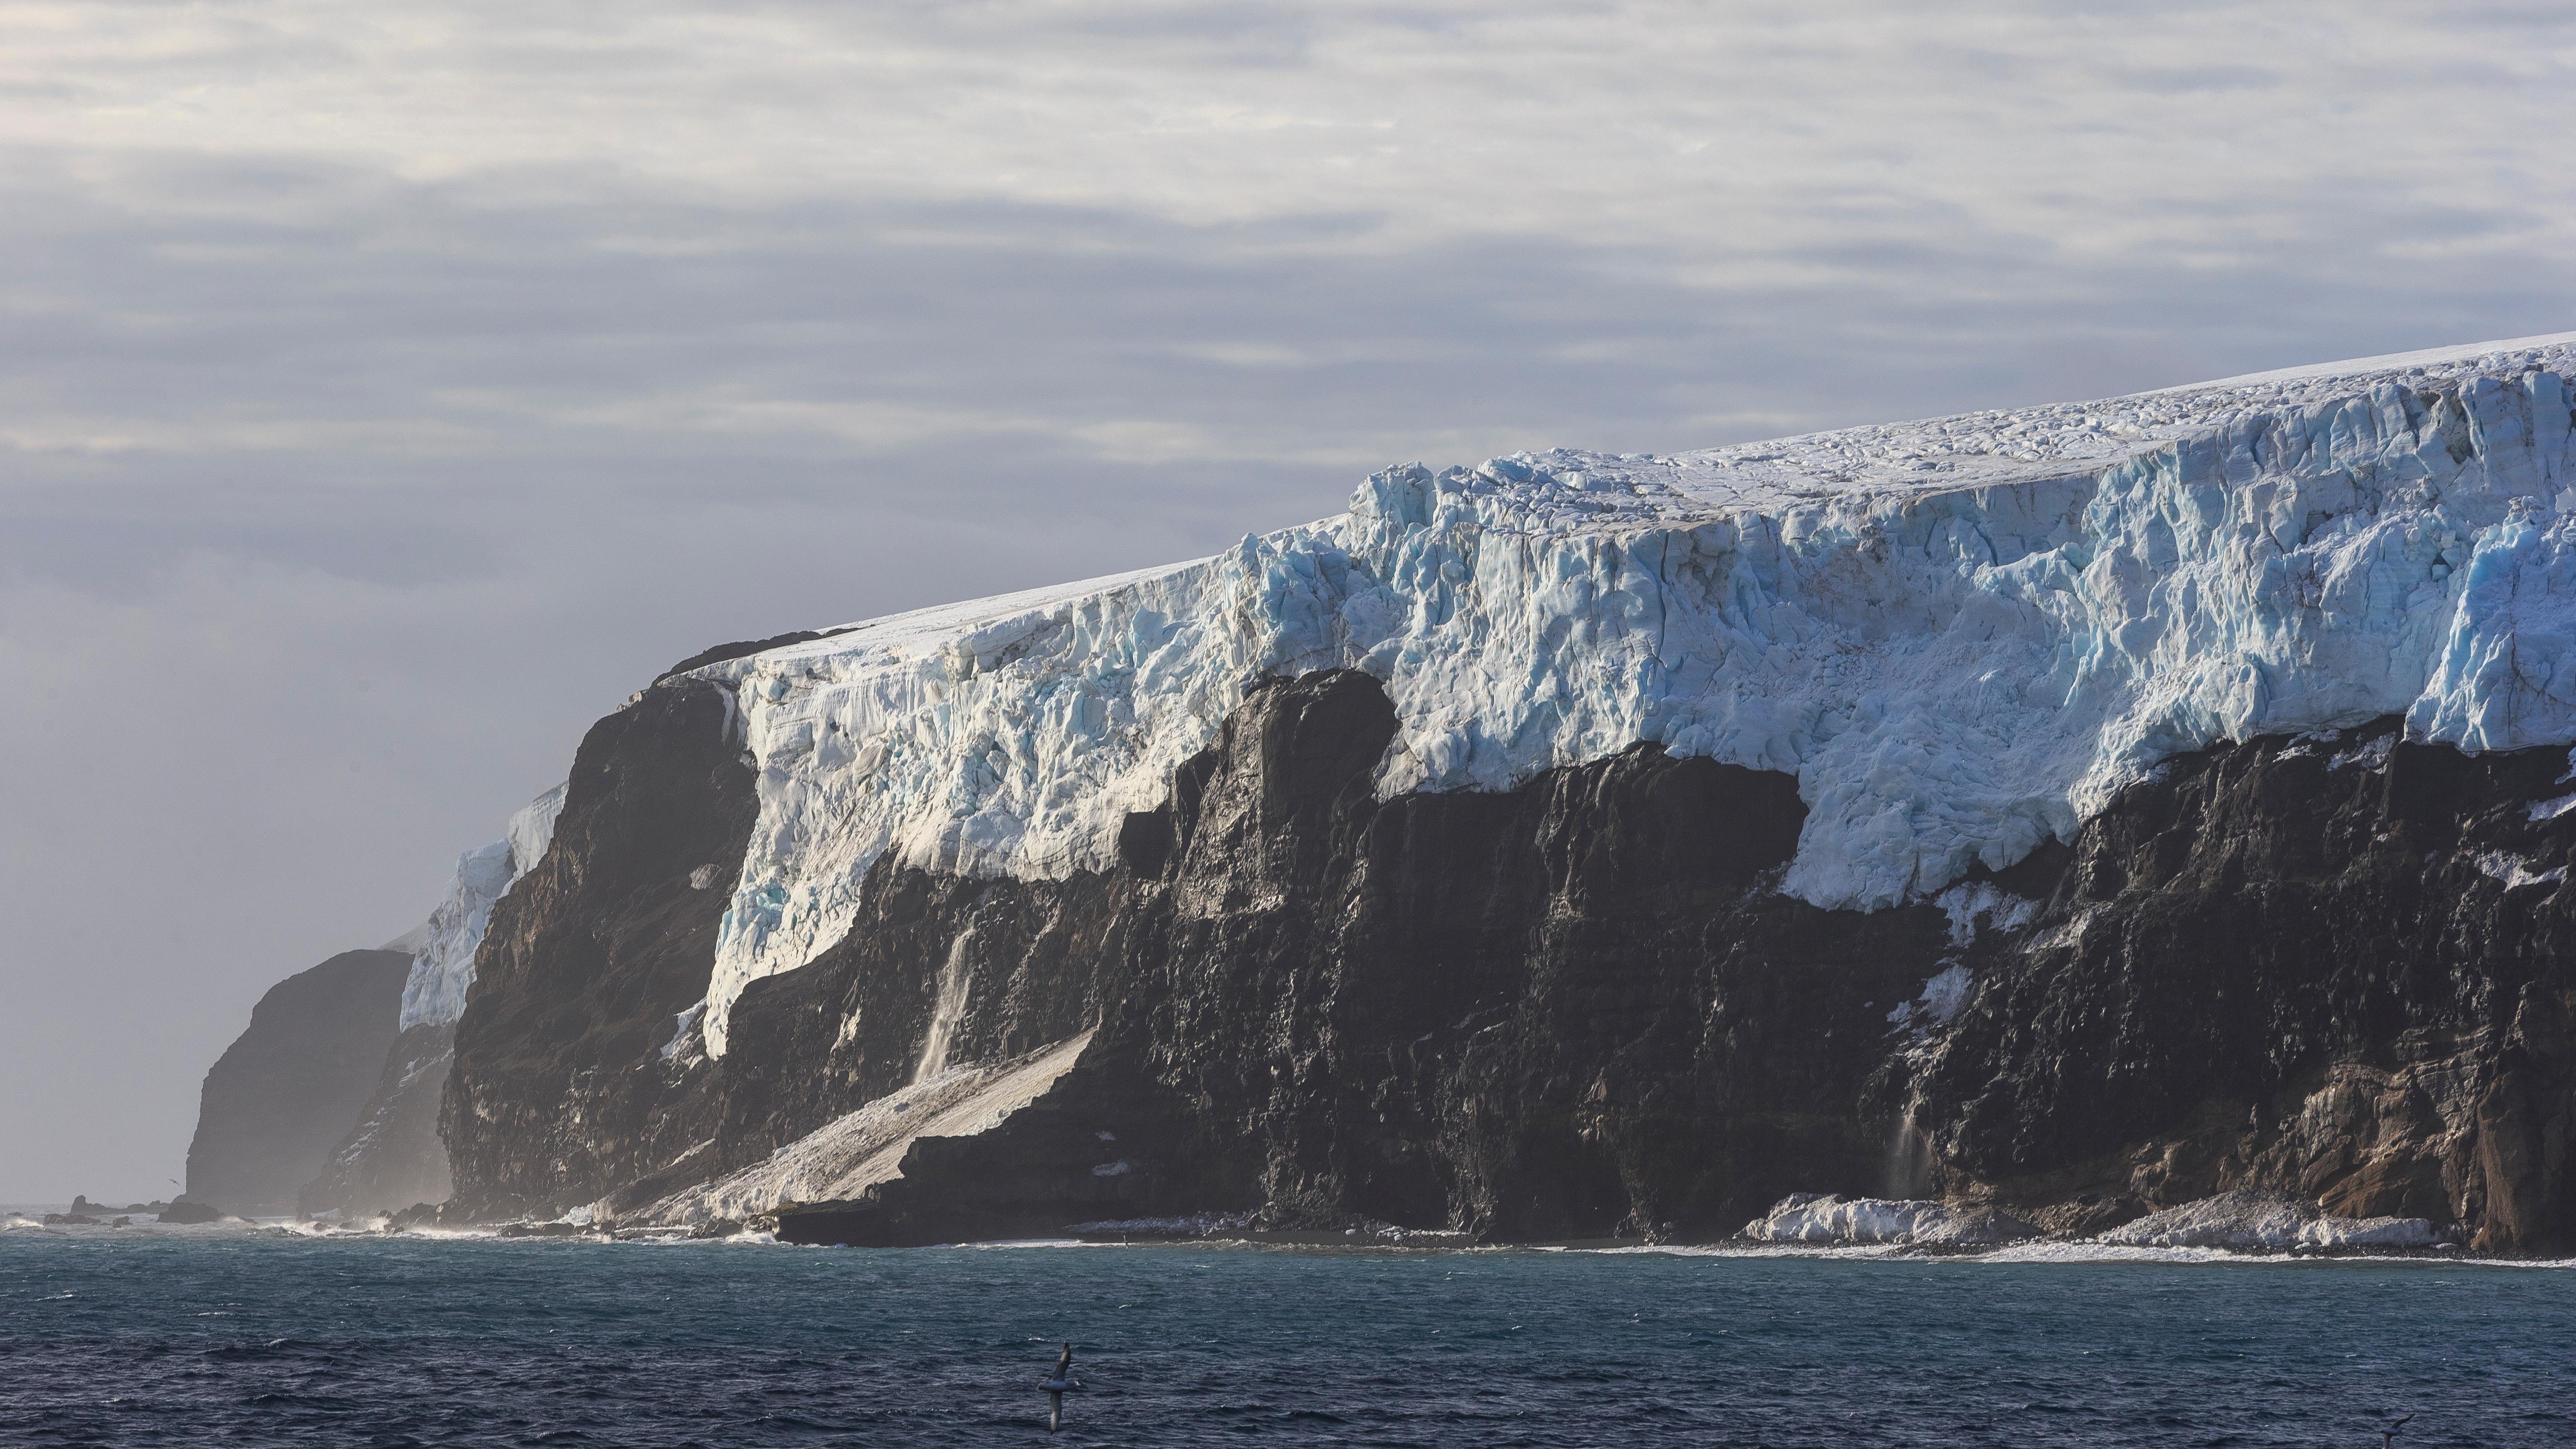 La isla Bouvet es la más remota del mundo. La isla en el Atlántico Sur pertenece a Noruega. El siguiente punto de tierra más cercano es la Tierra de la Reina Maud en la Antártida, que está a 1.160 kilómetros de distancia. Se trata del lugar más aislado de la Tierra que nunca se ha convertido en un destino comúnmente visitado debido a lo lejos que está de todo // Fotos: Shutterstock